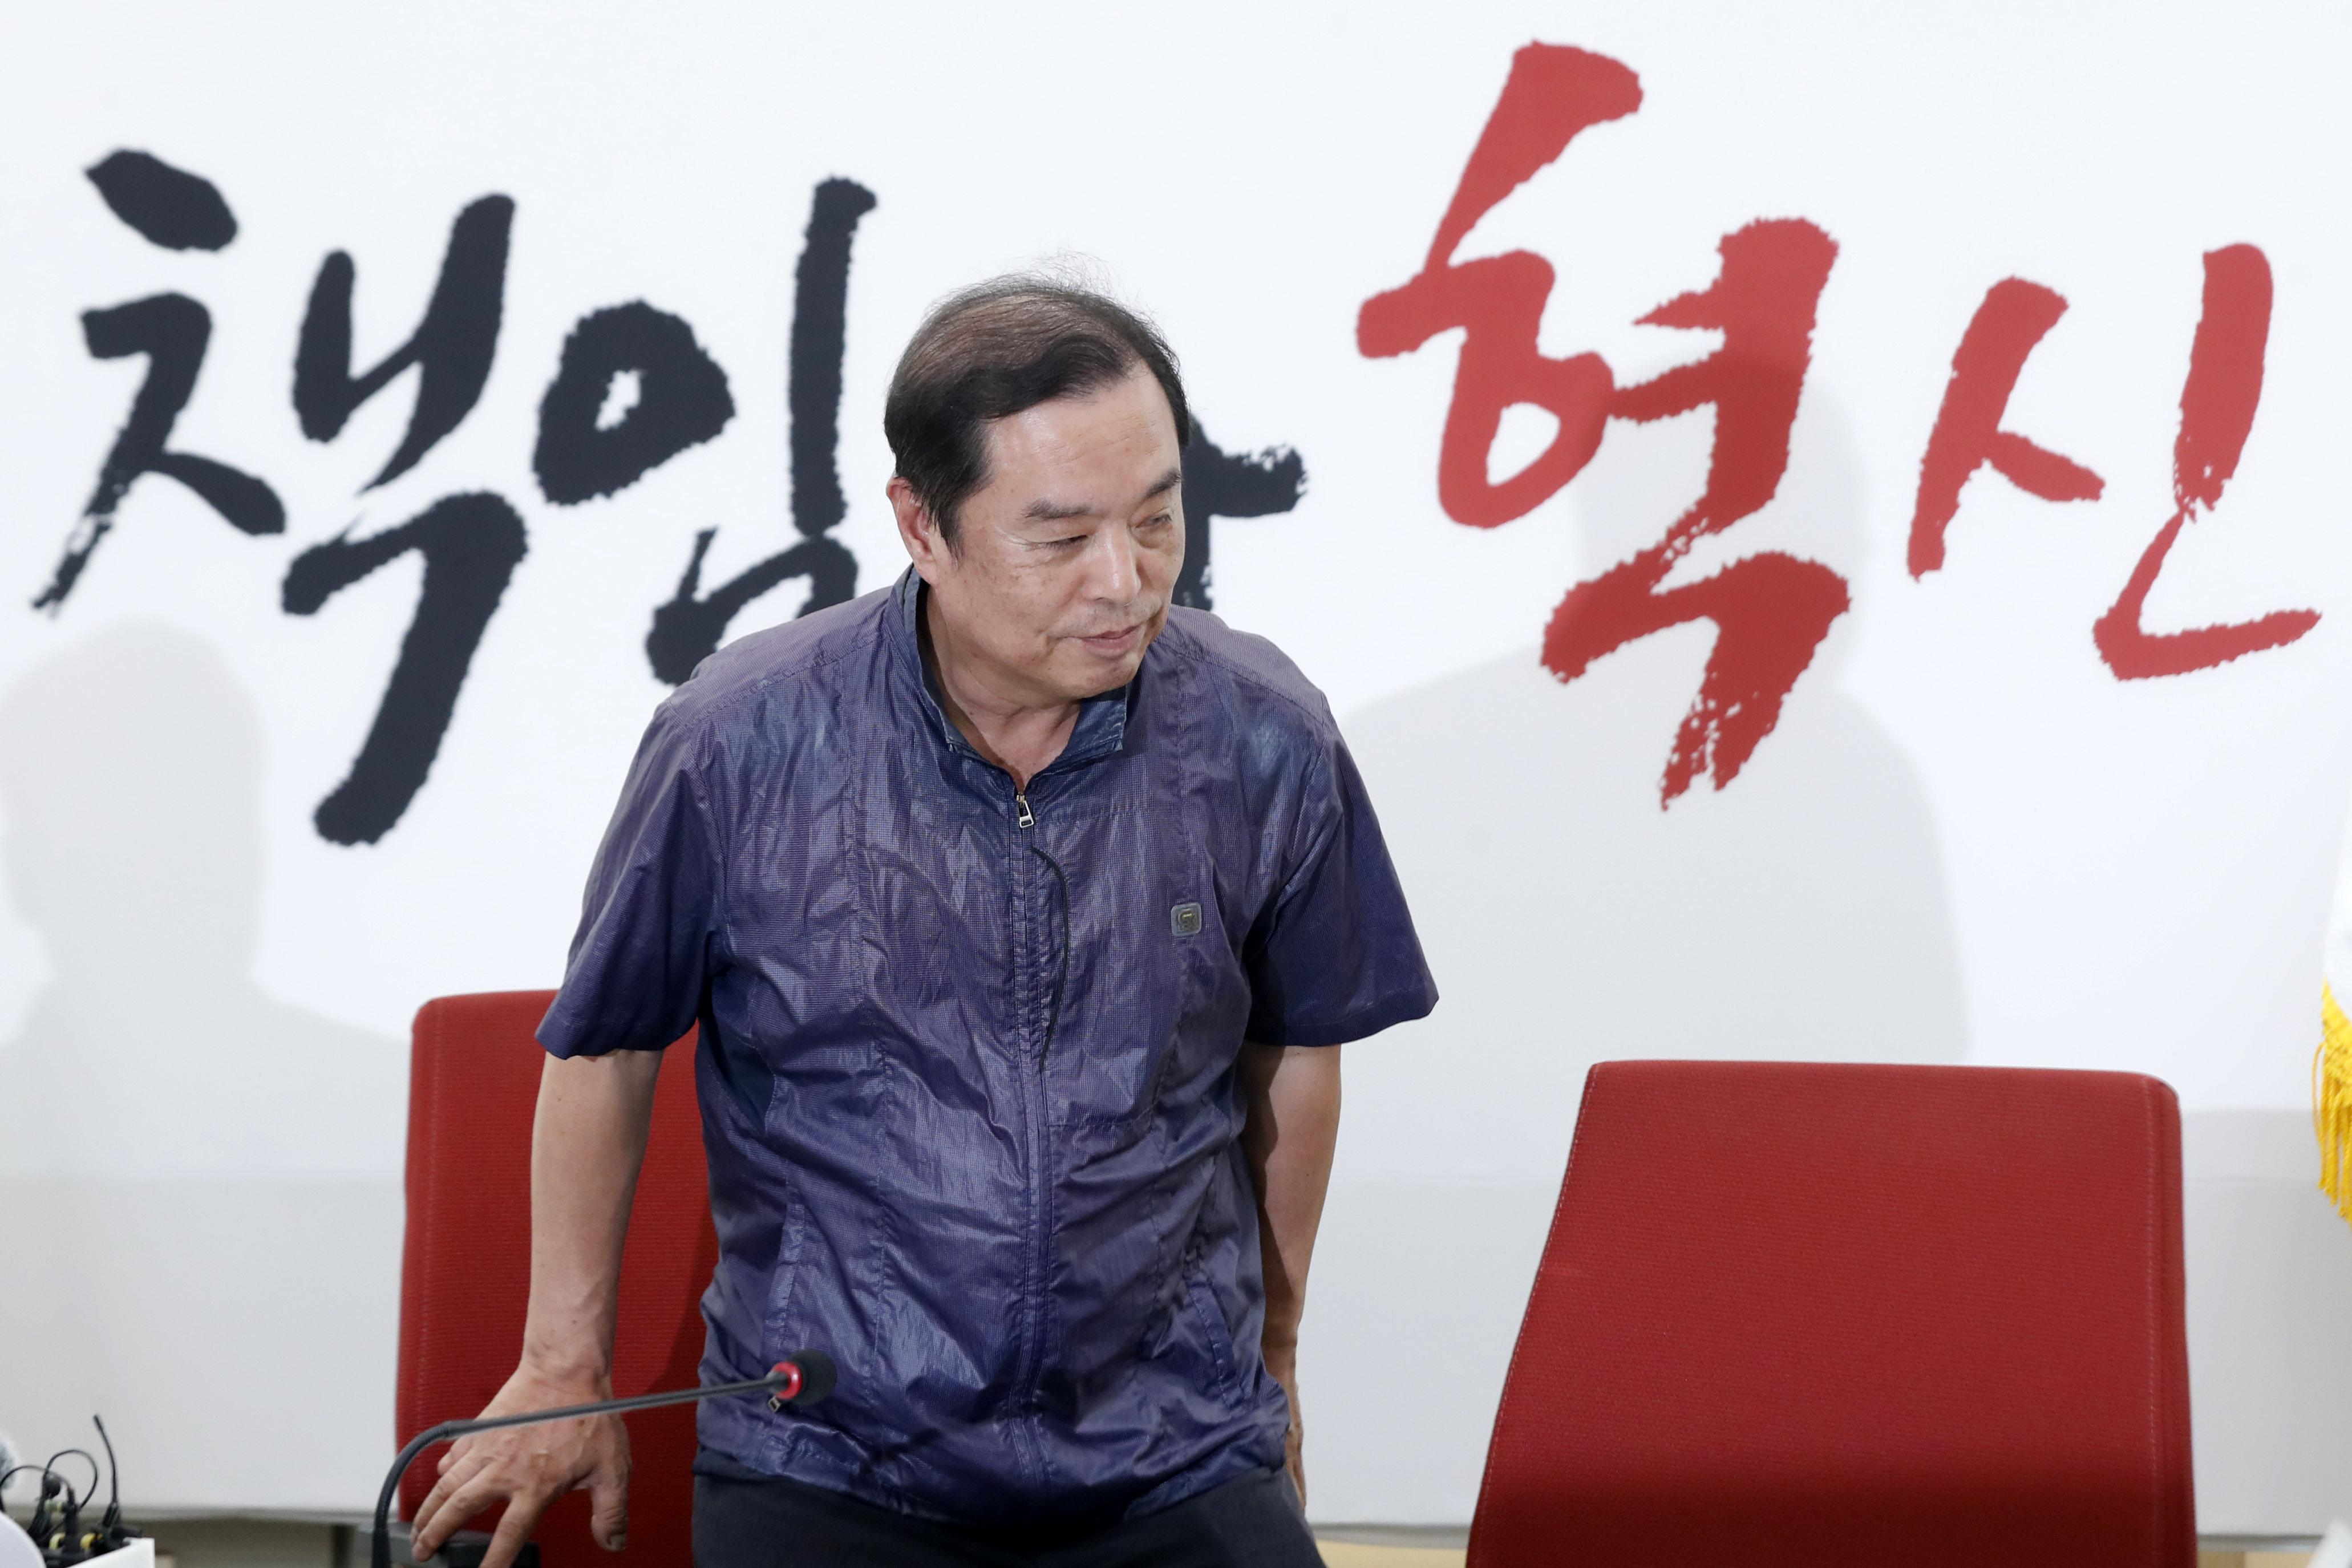 김병준이 솔솔 불거지는 자신의 대권 도전설에 대해 한